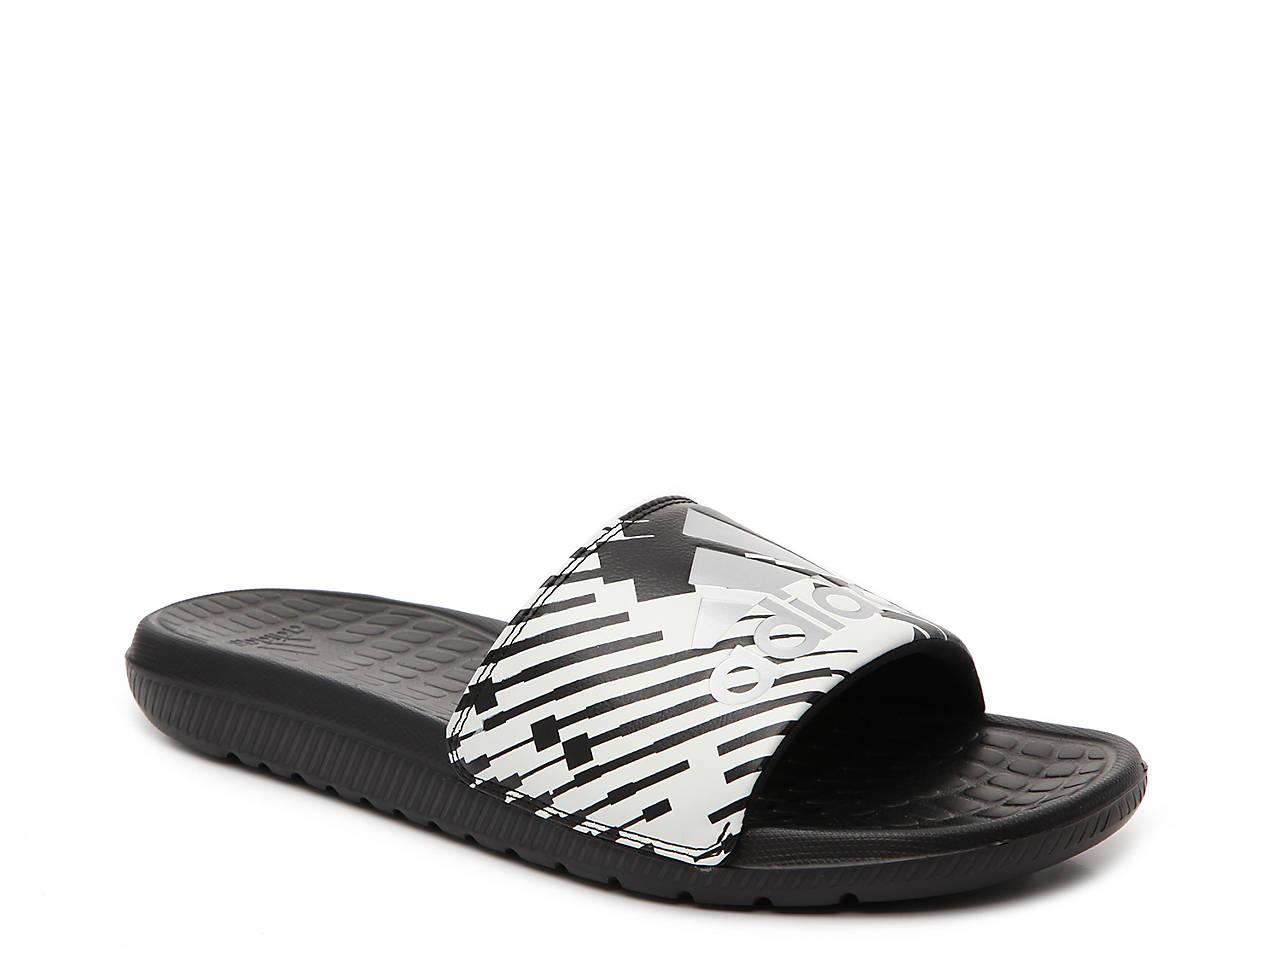 d056b3d61159 adidas Voloomix GR Slide Sandal - Men s Men s Shoes